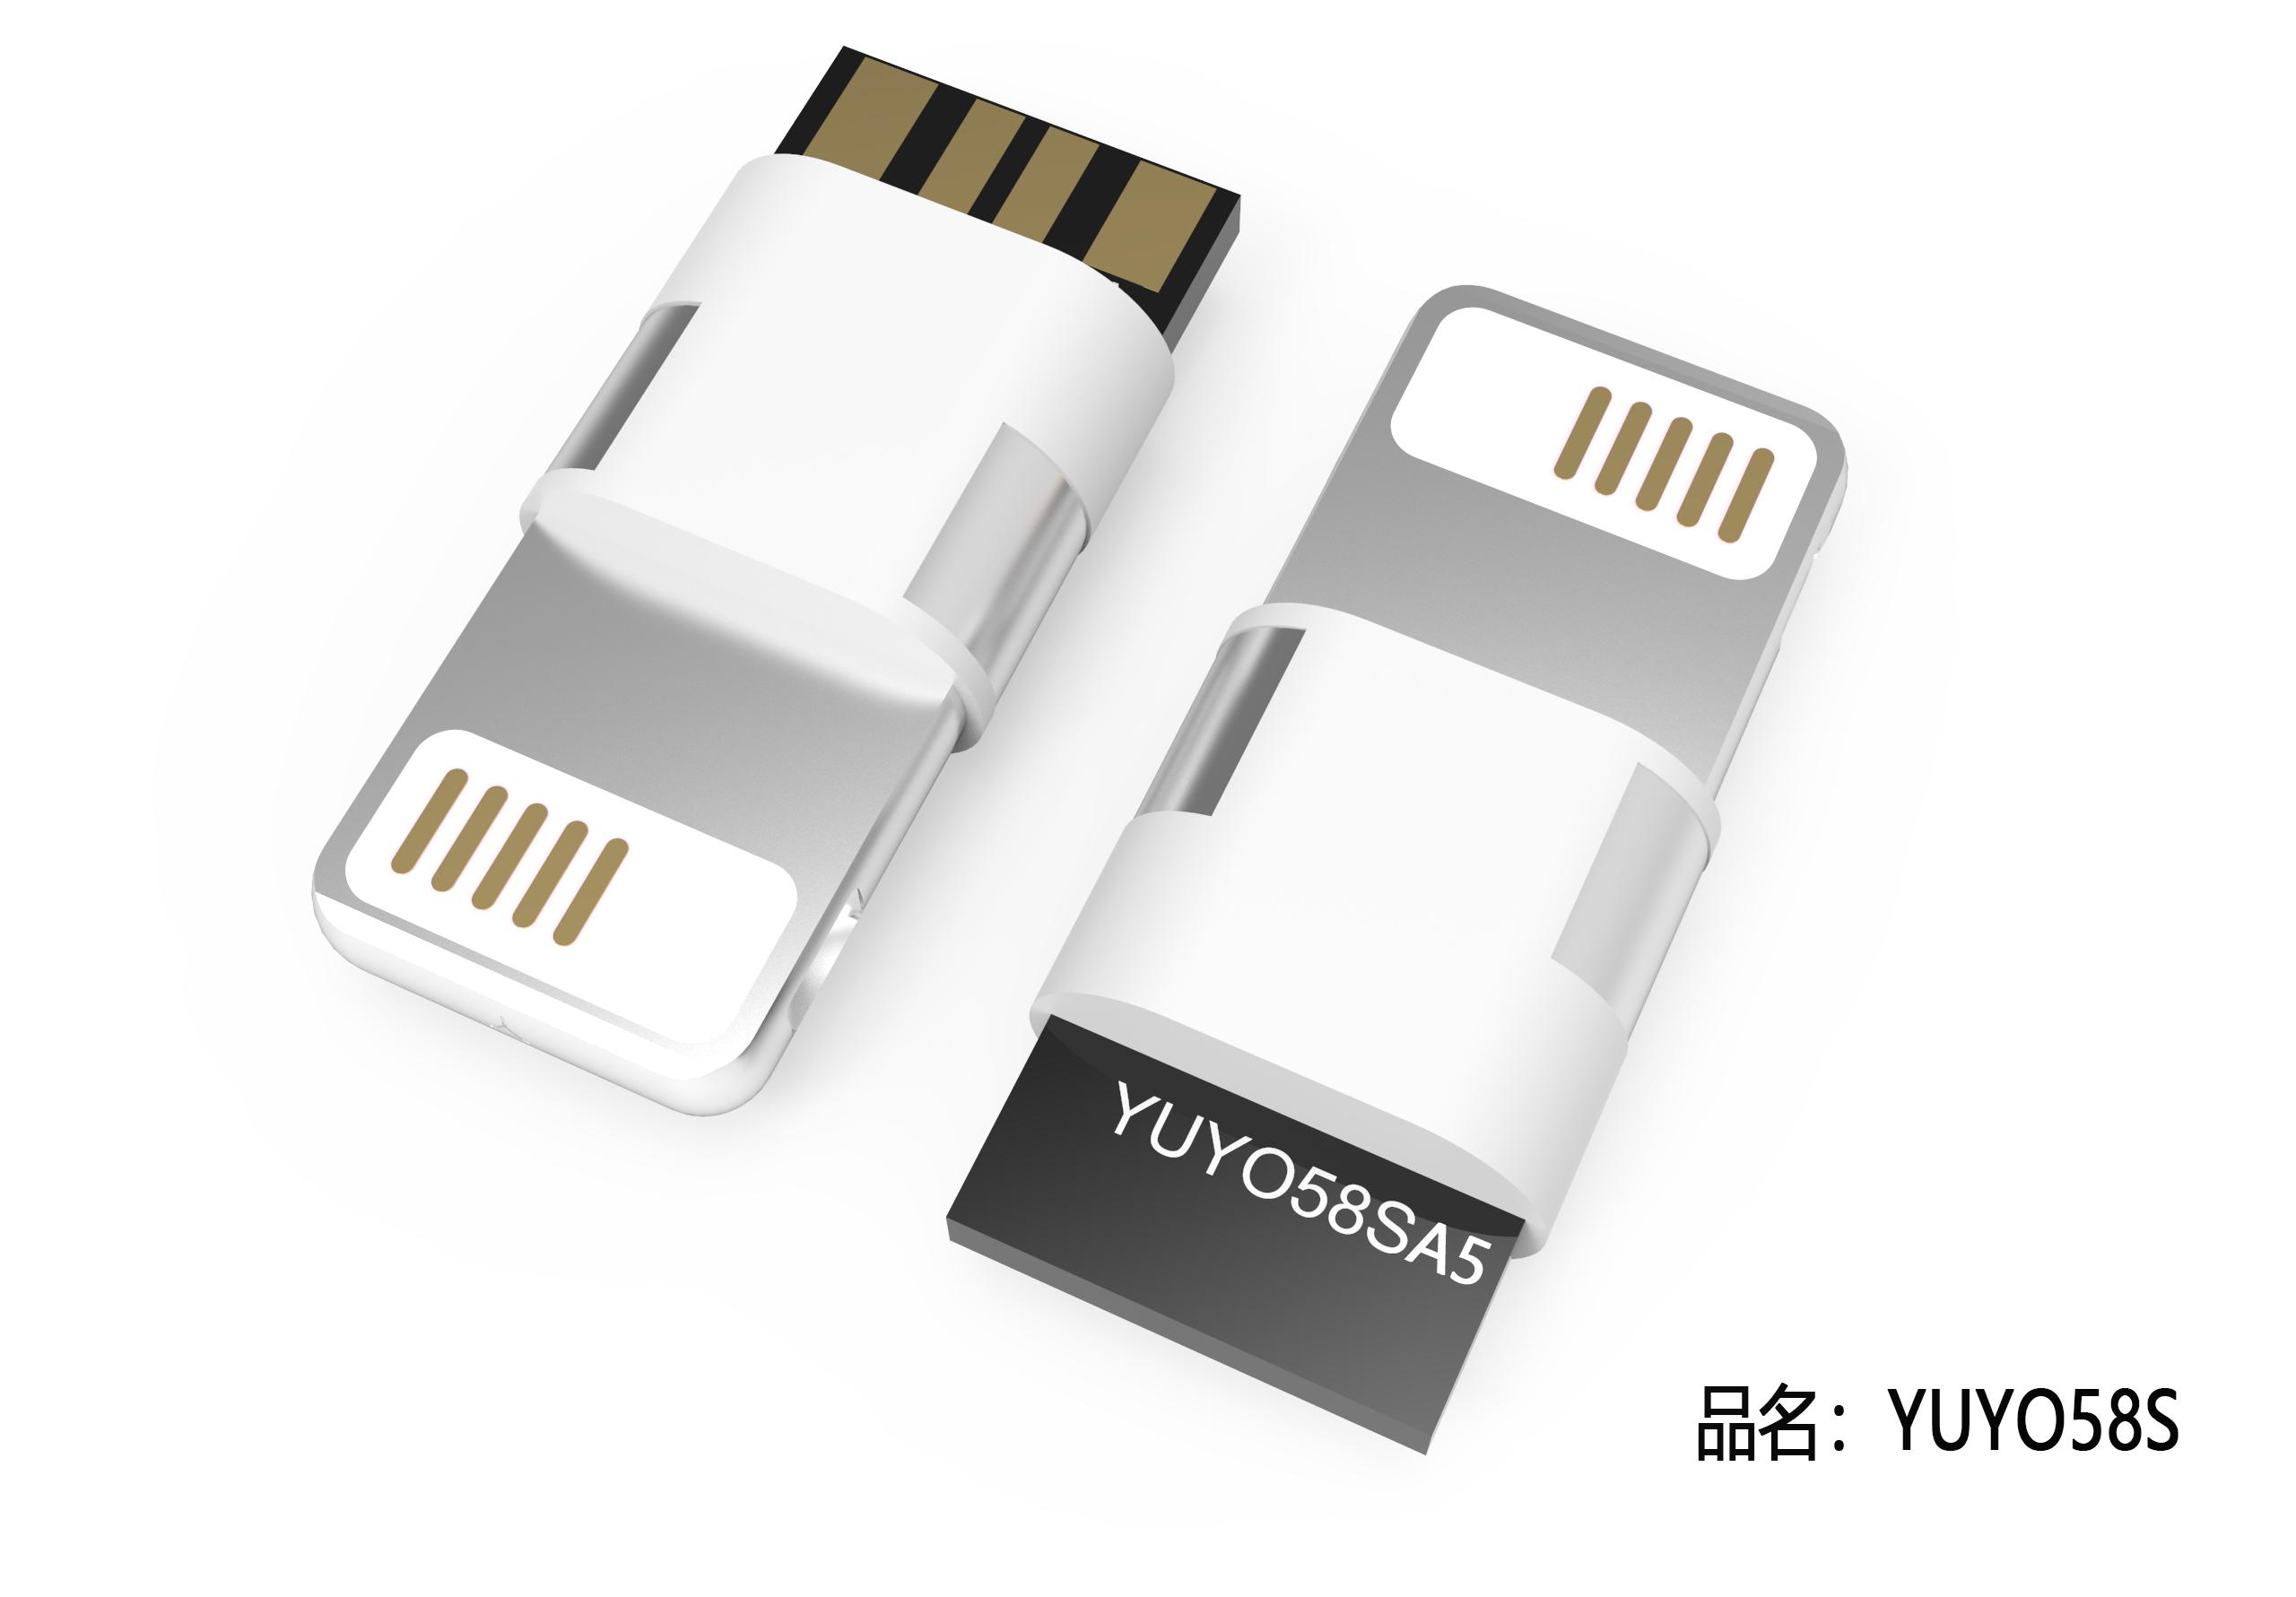 YUYO58S